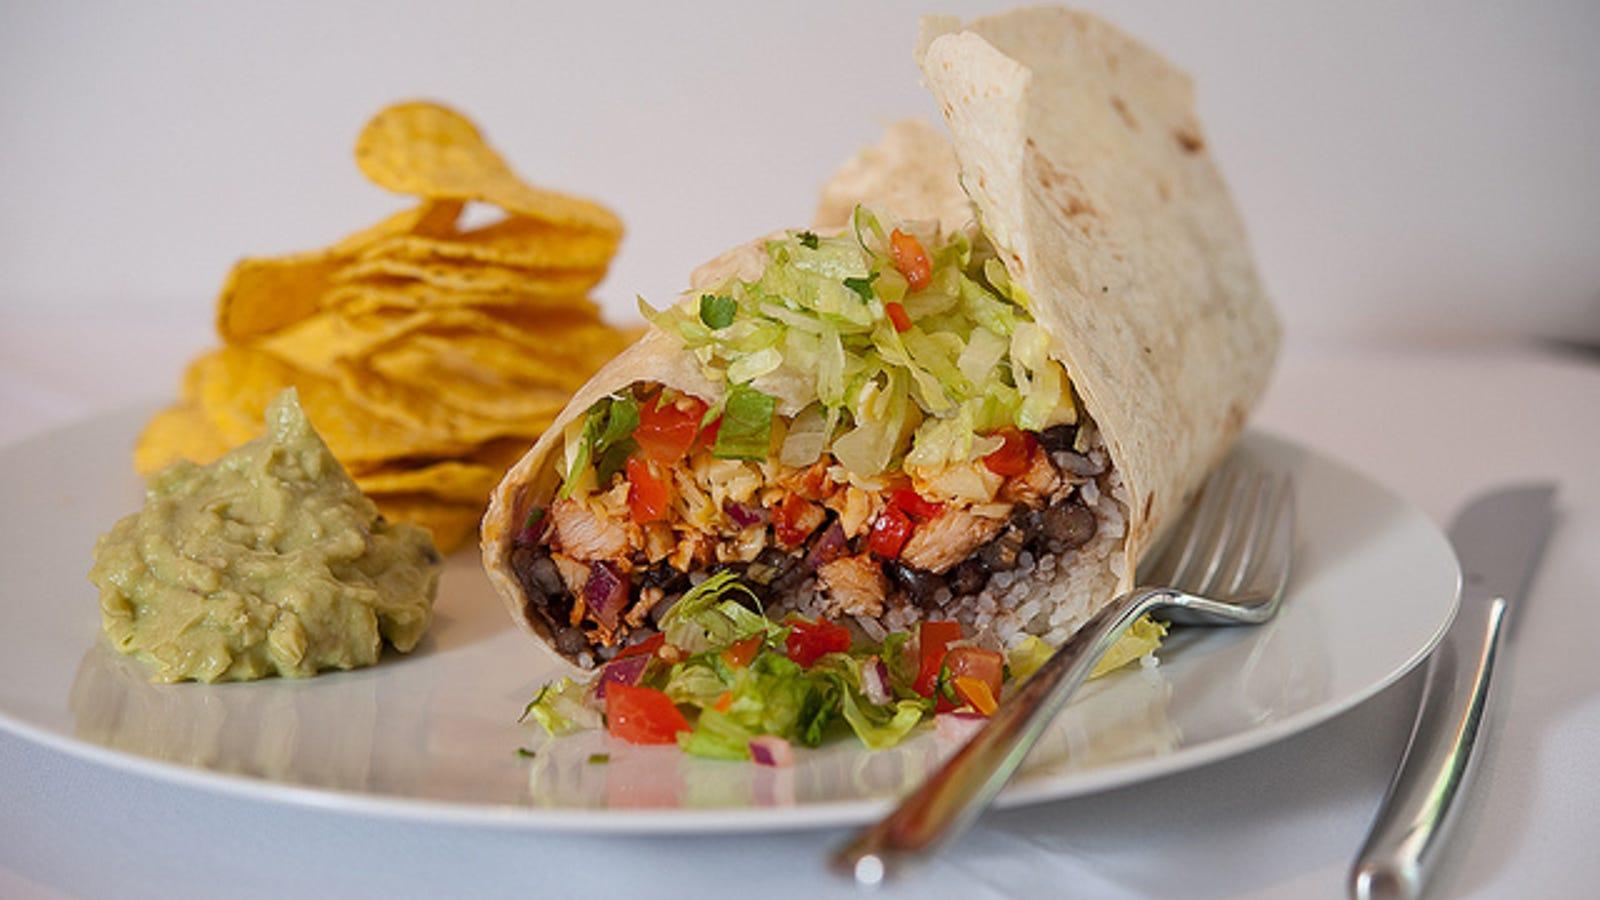 is a burrito a sandwich